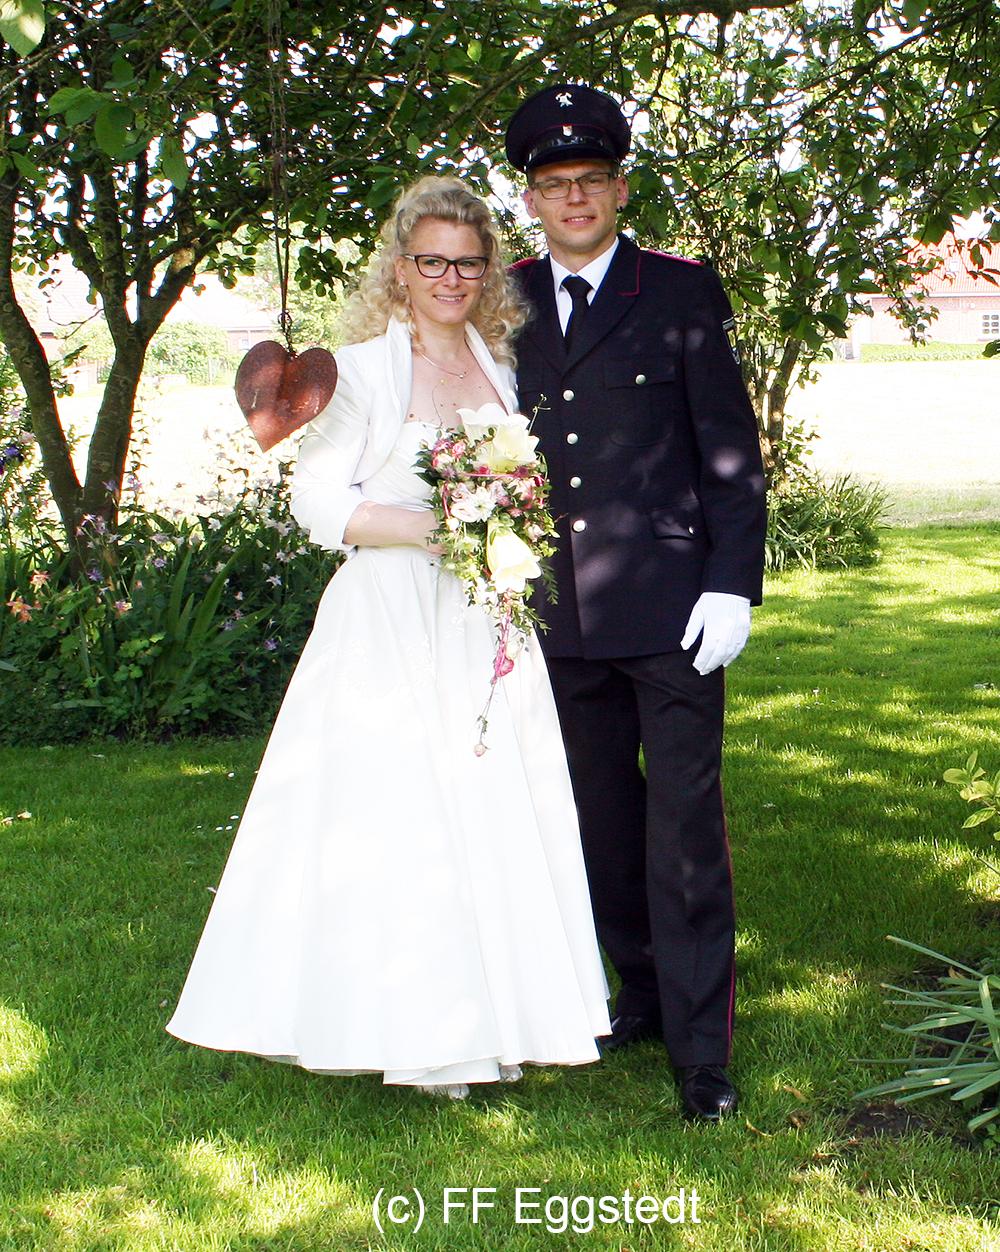 Freiwillige Feuerwehr Eggstedt Hochzeit Sabrina Robert